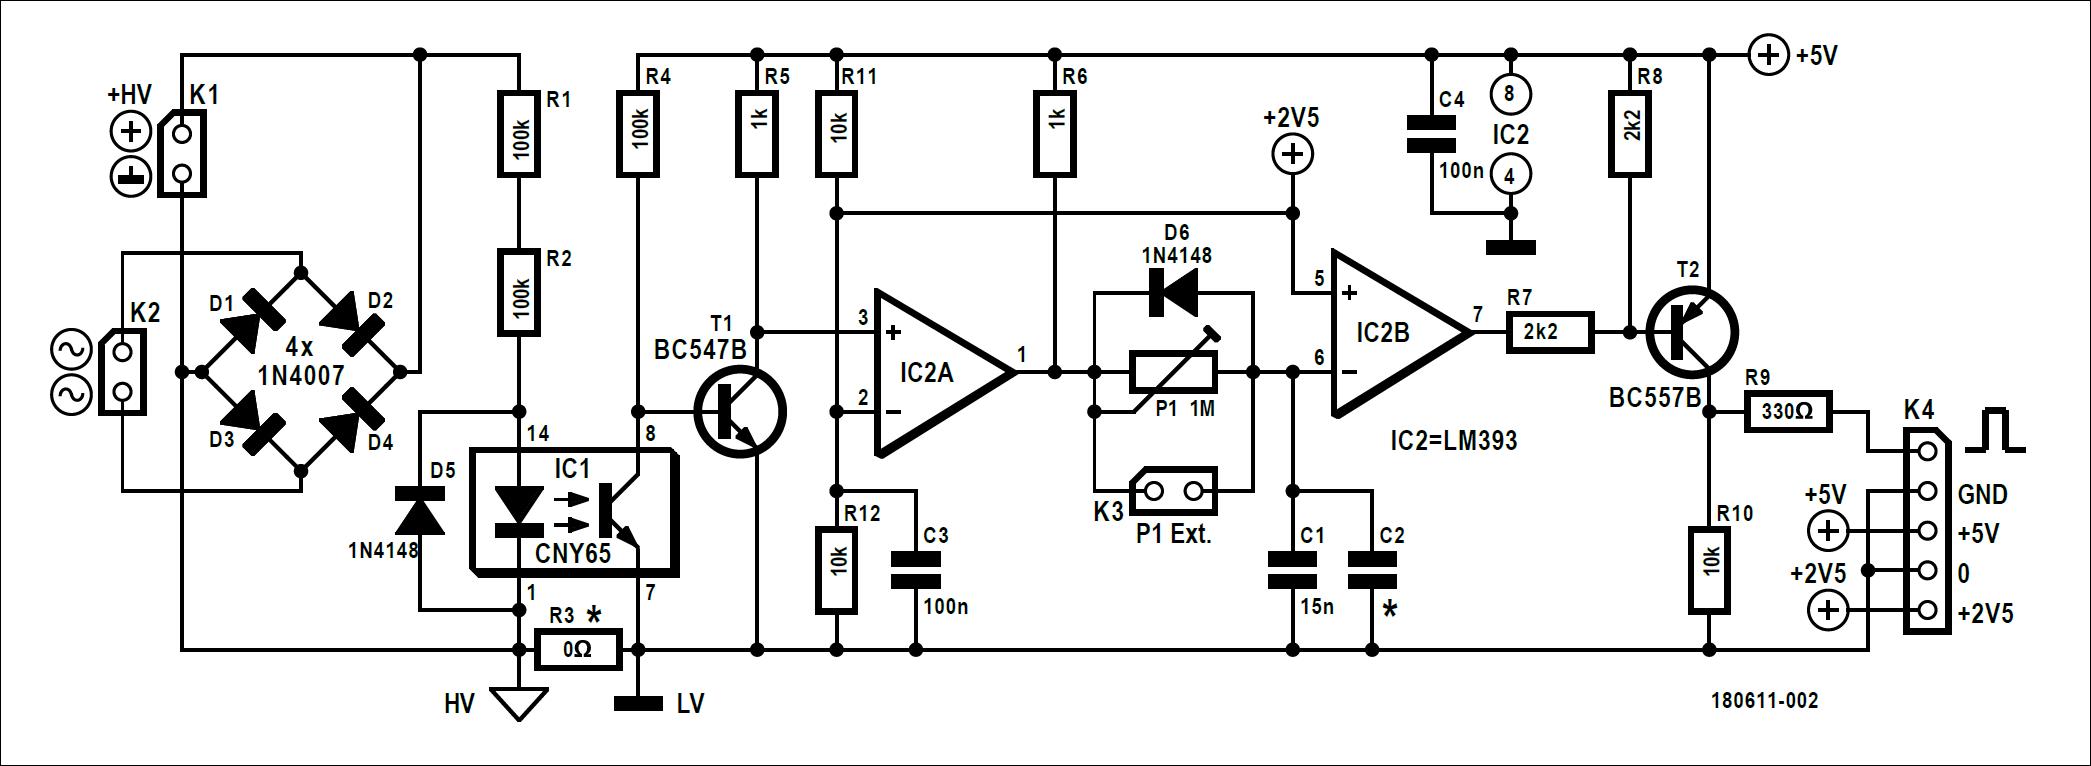 Figura 1: questi pochi componenti consentono ai dispositivi SCR, come tiristori e triac, di essere testati dinamicamente in modo sicuro e controllato. Per comodità la tensione di accensione SCR è sincronizzata con la tensione di rete